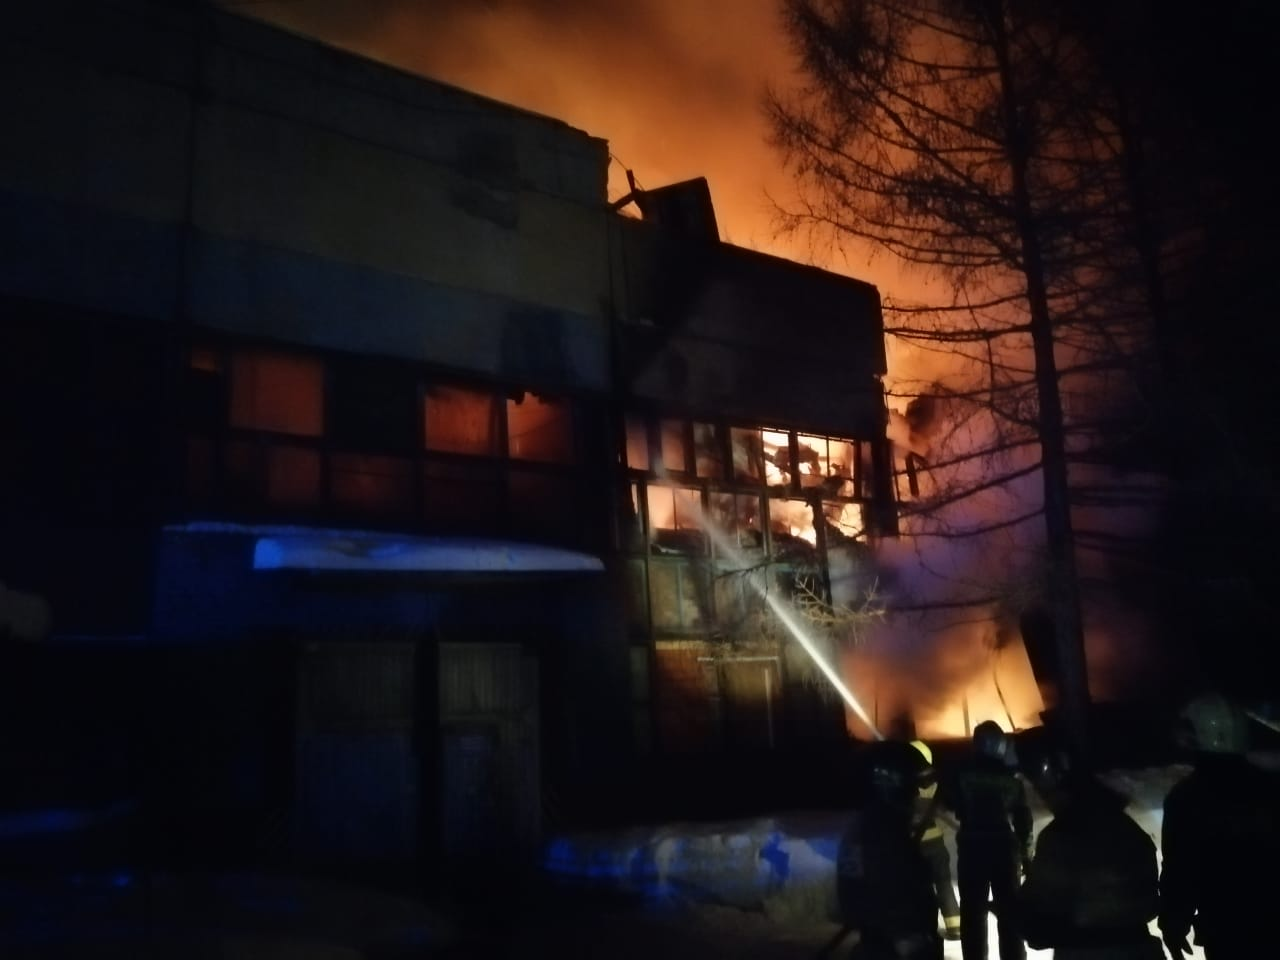 В Омске горит производственное здание, напичканное кислородными баллонами #Омск #Общество #Сегодня